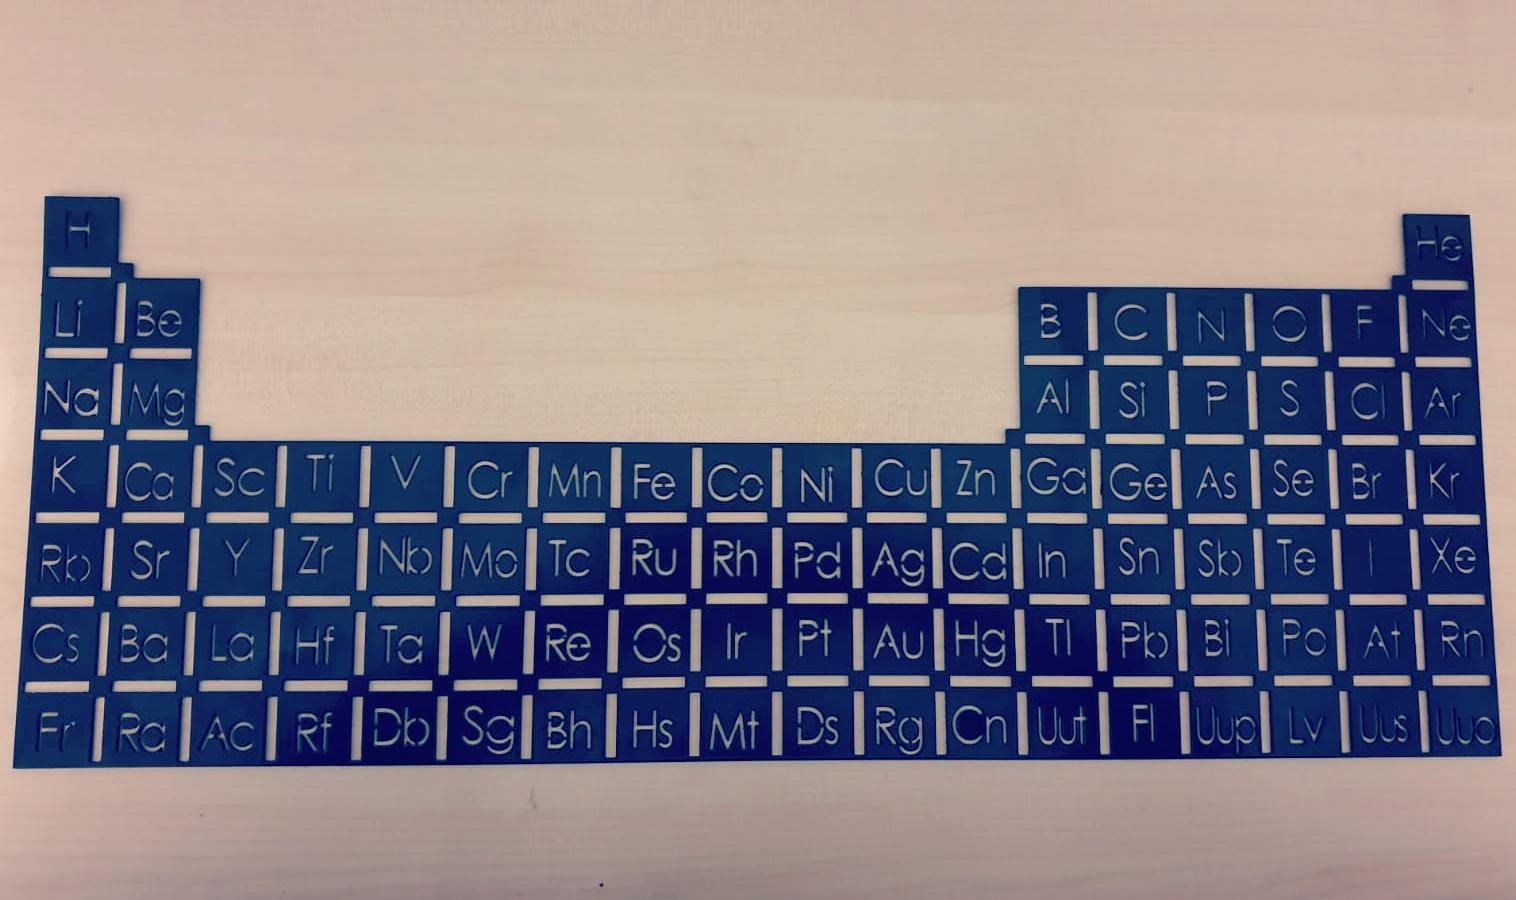 metallic periyodic table